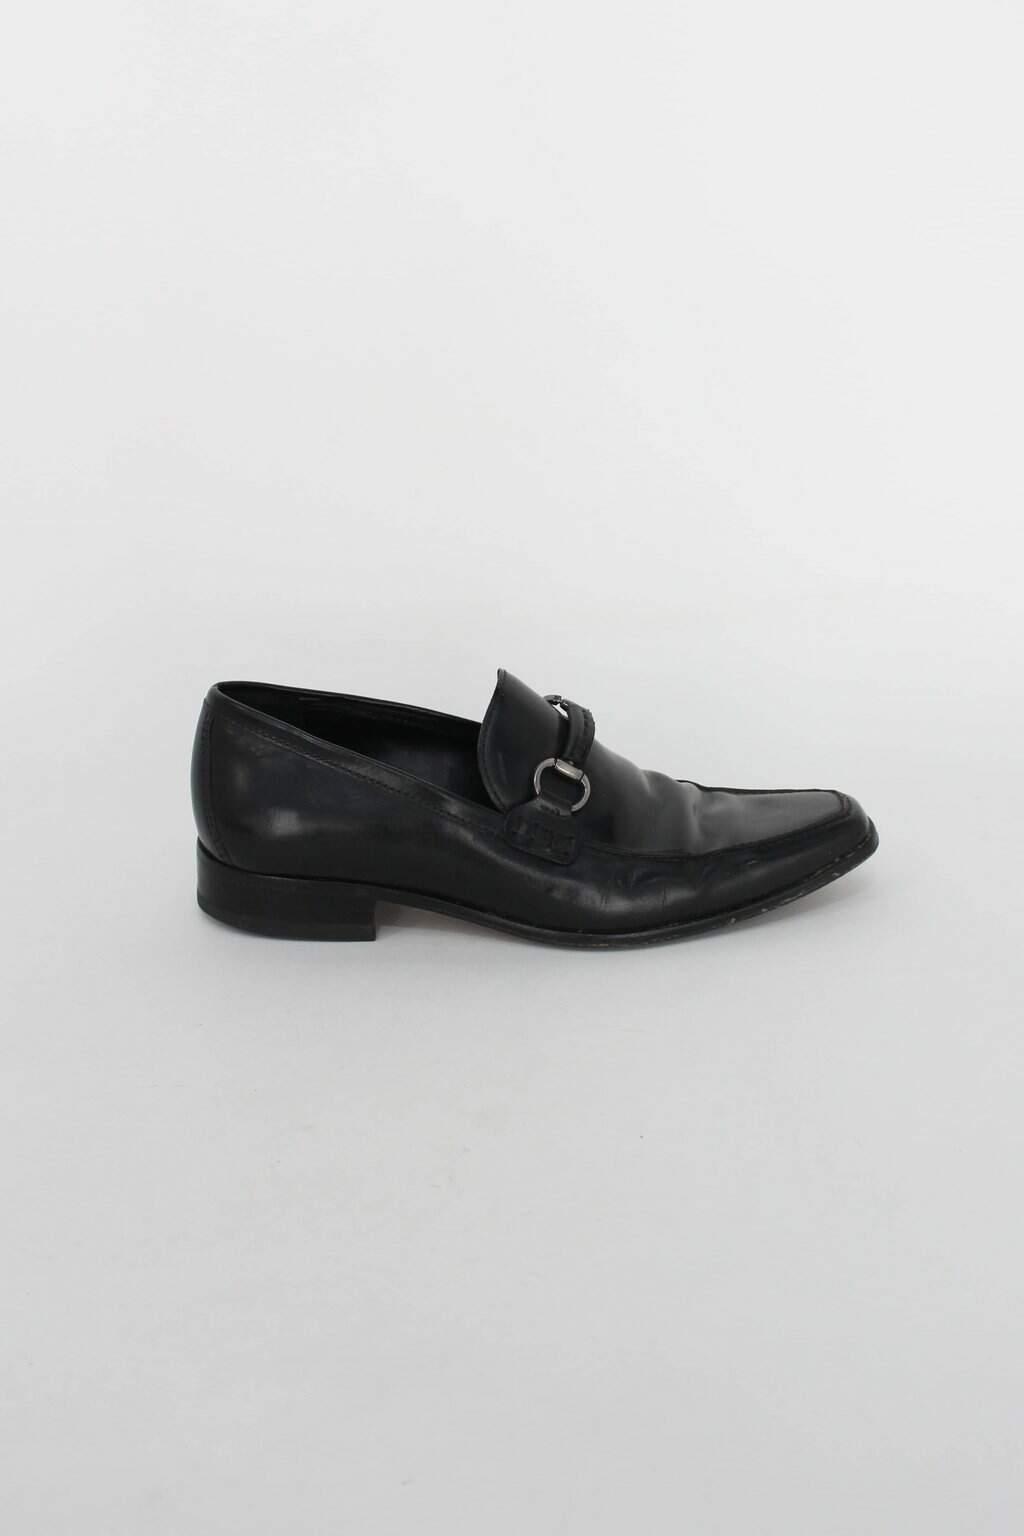 Sapato losdos social masculino preto